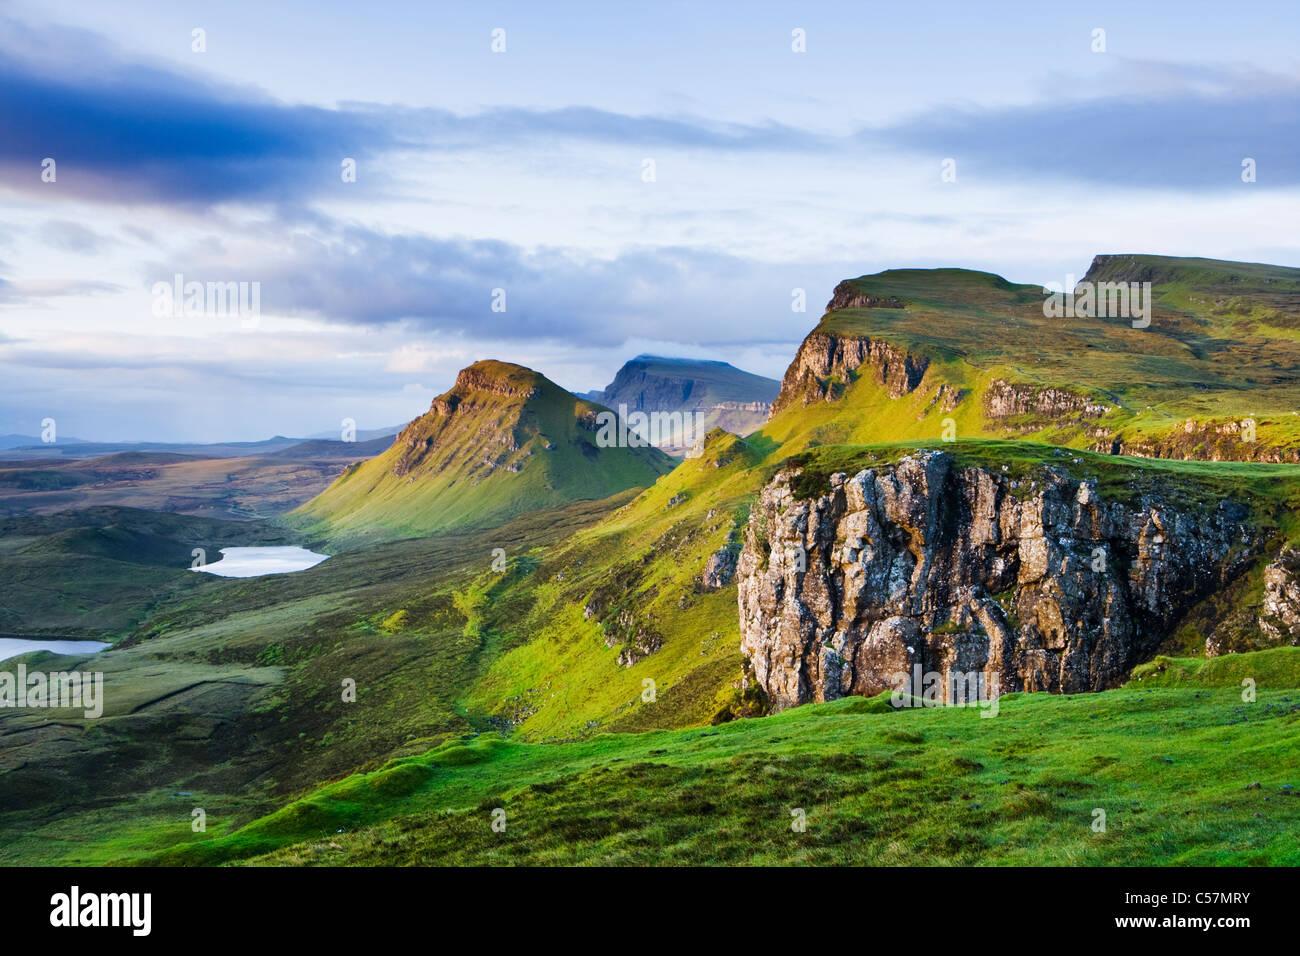 La Quiraing, Isola di Skye, Scotland, Regno Unito. Immagini Stock